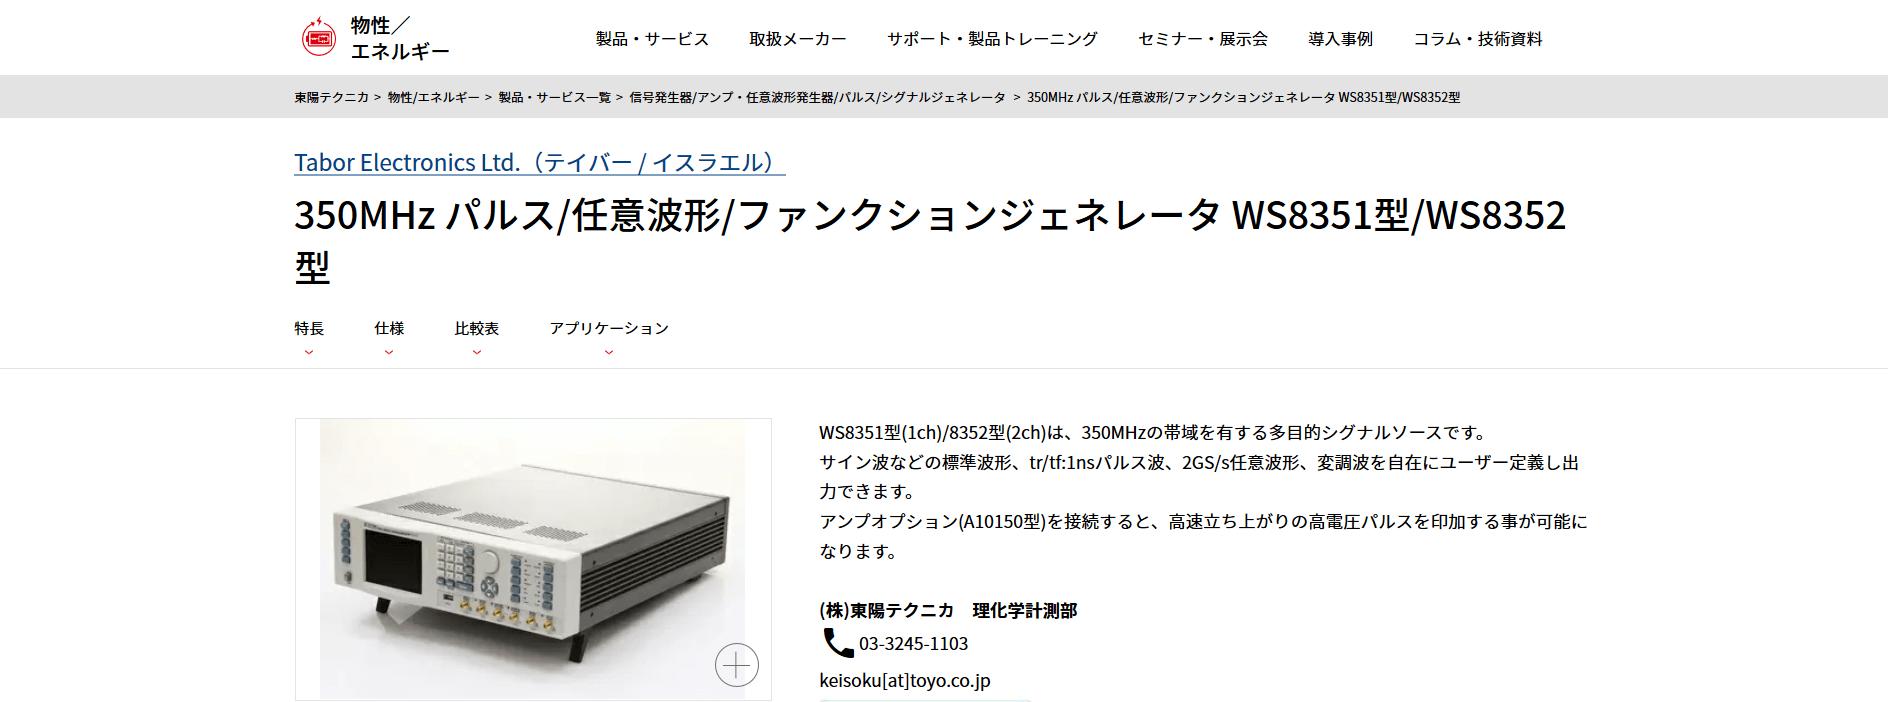 350MHz~ 高速 広帯域 任意波形/シグナルジェネレータ